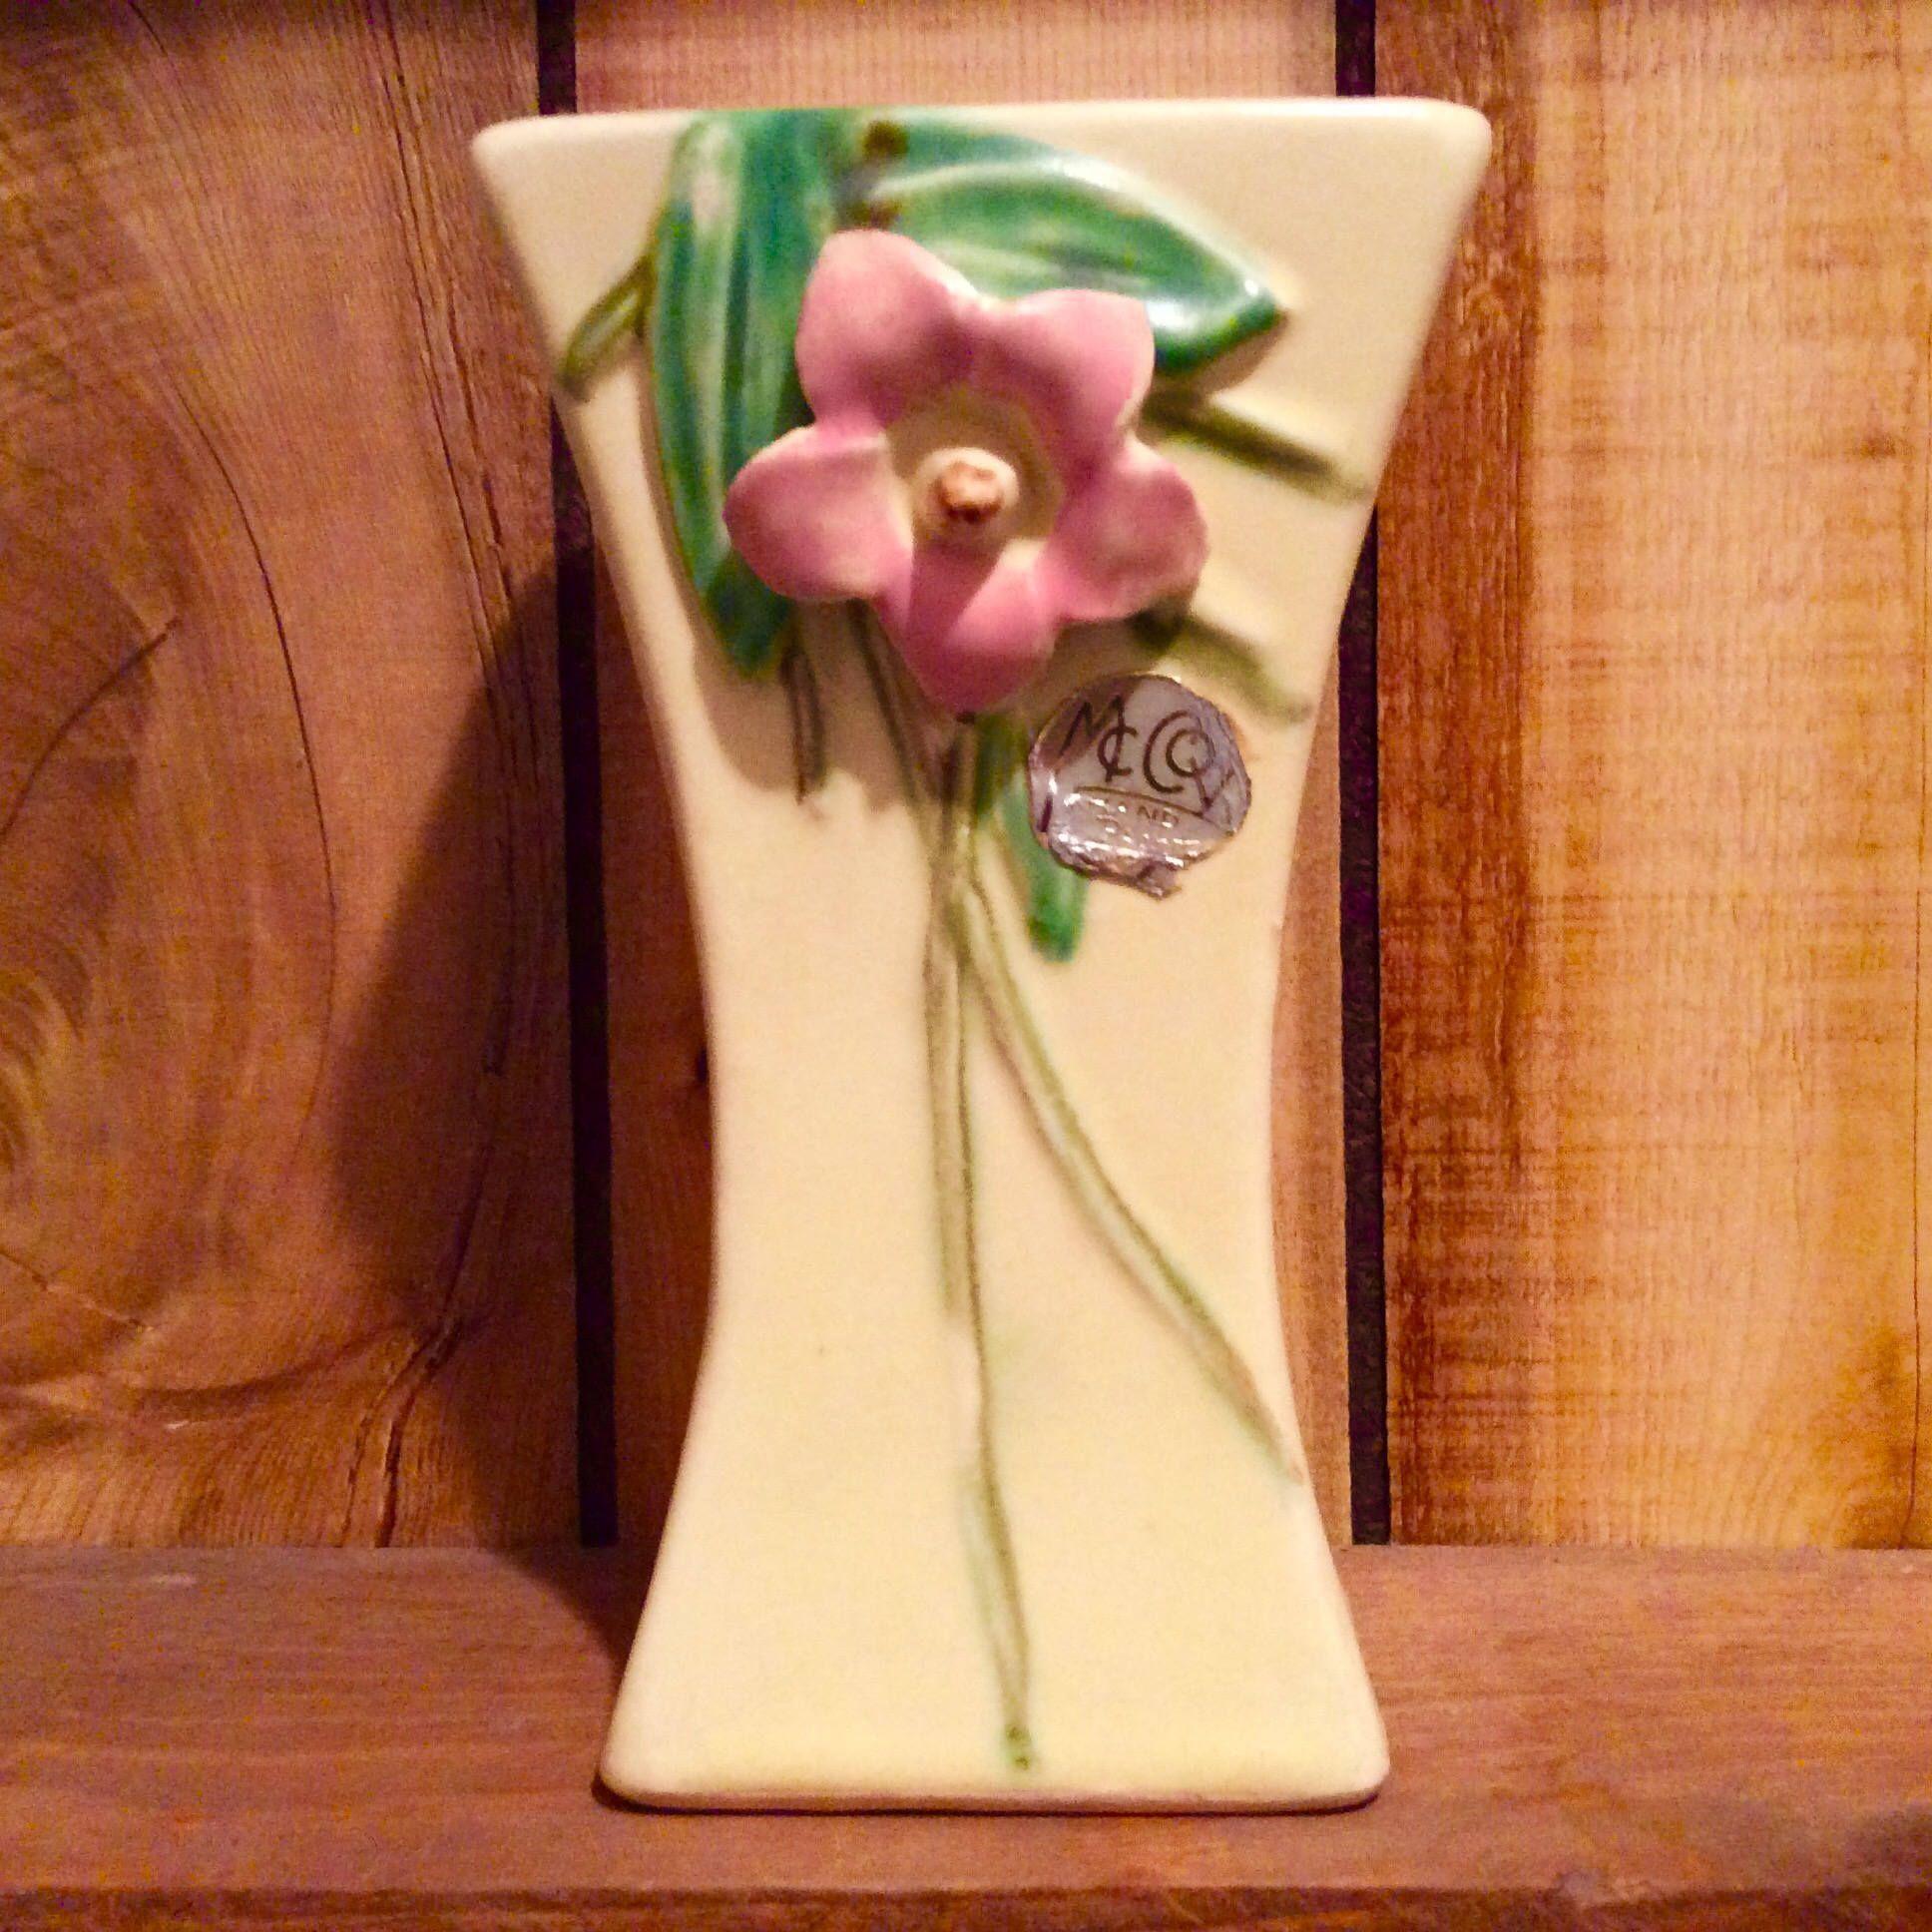 Vintage mccoy blossom time matt yellow vase mccoy pottery paper vintage mccoy blossom time matt yellow vase mccoy pottery paper label by bellesgirl on etsy reviewsmspy